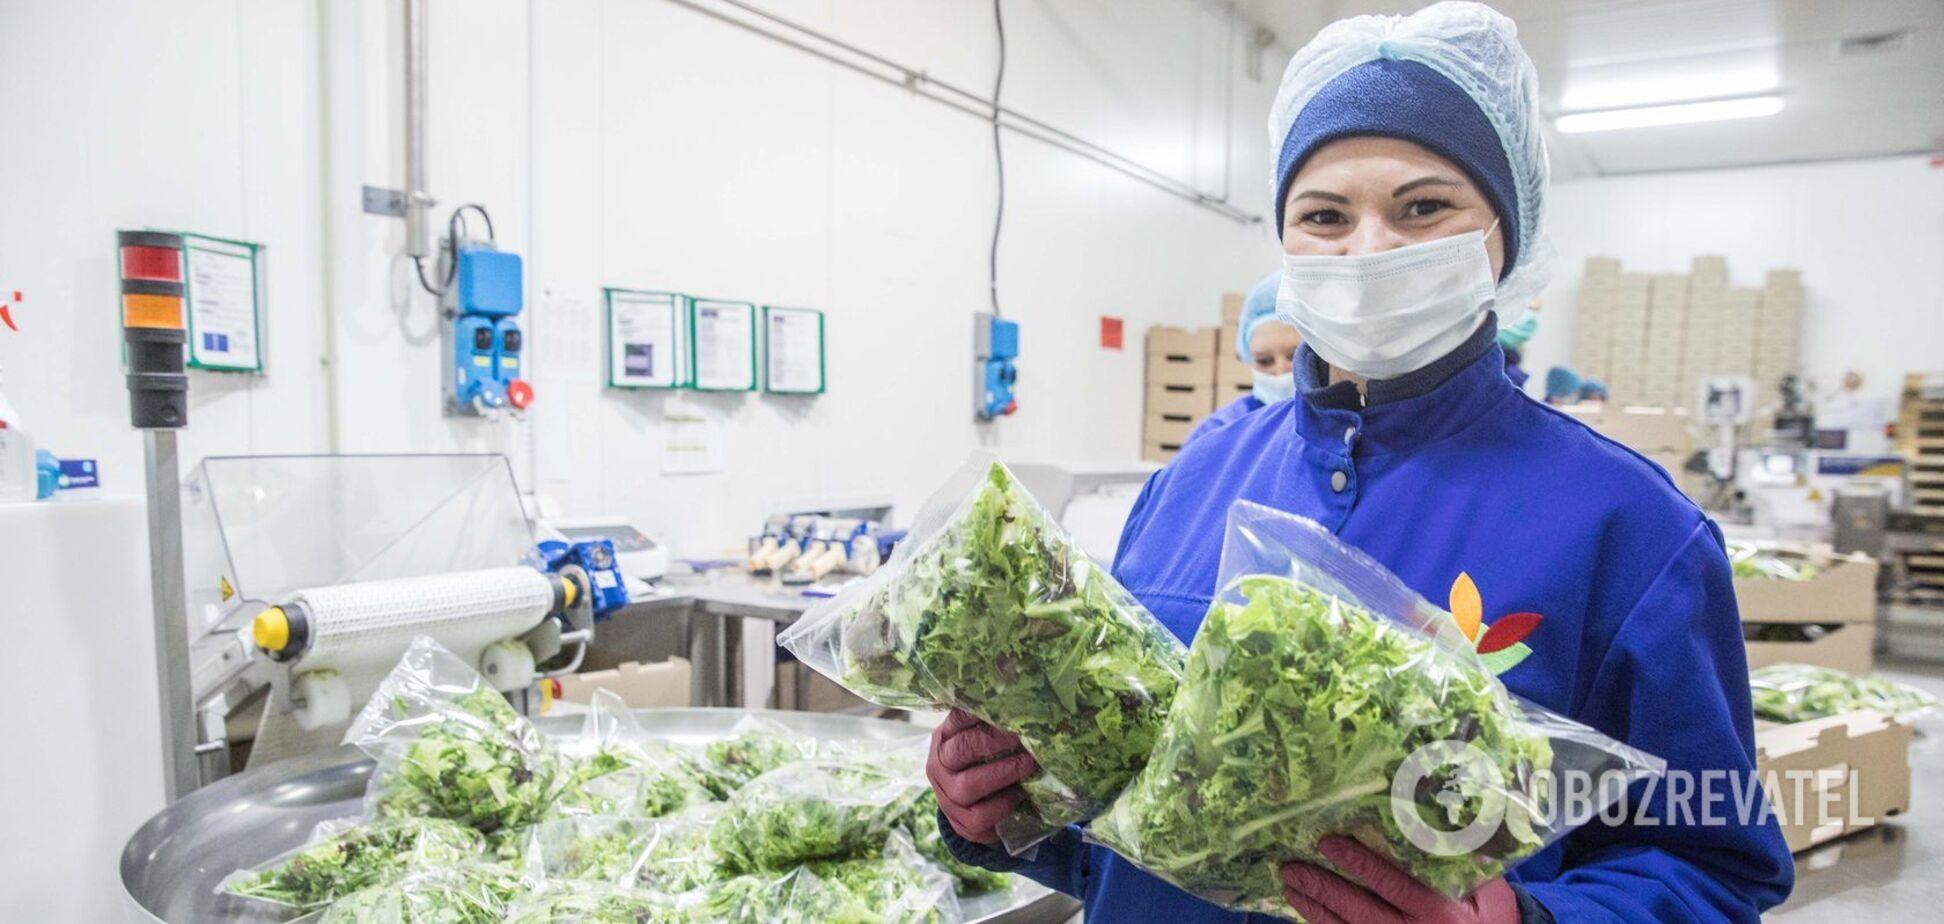 Фино Верде: как украинская компания поставляет салаты в рестораны McDonald's